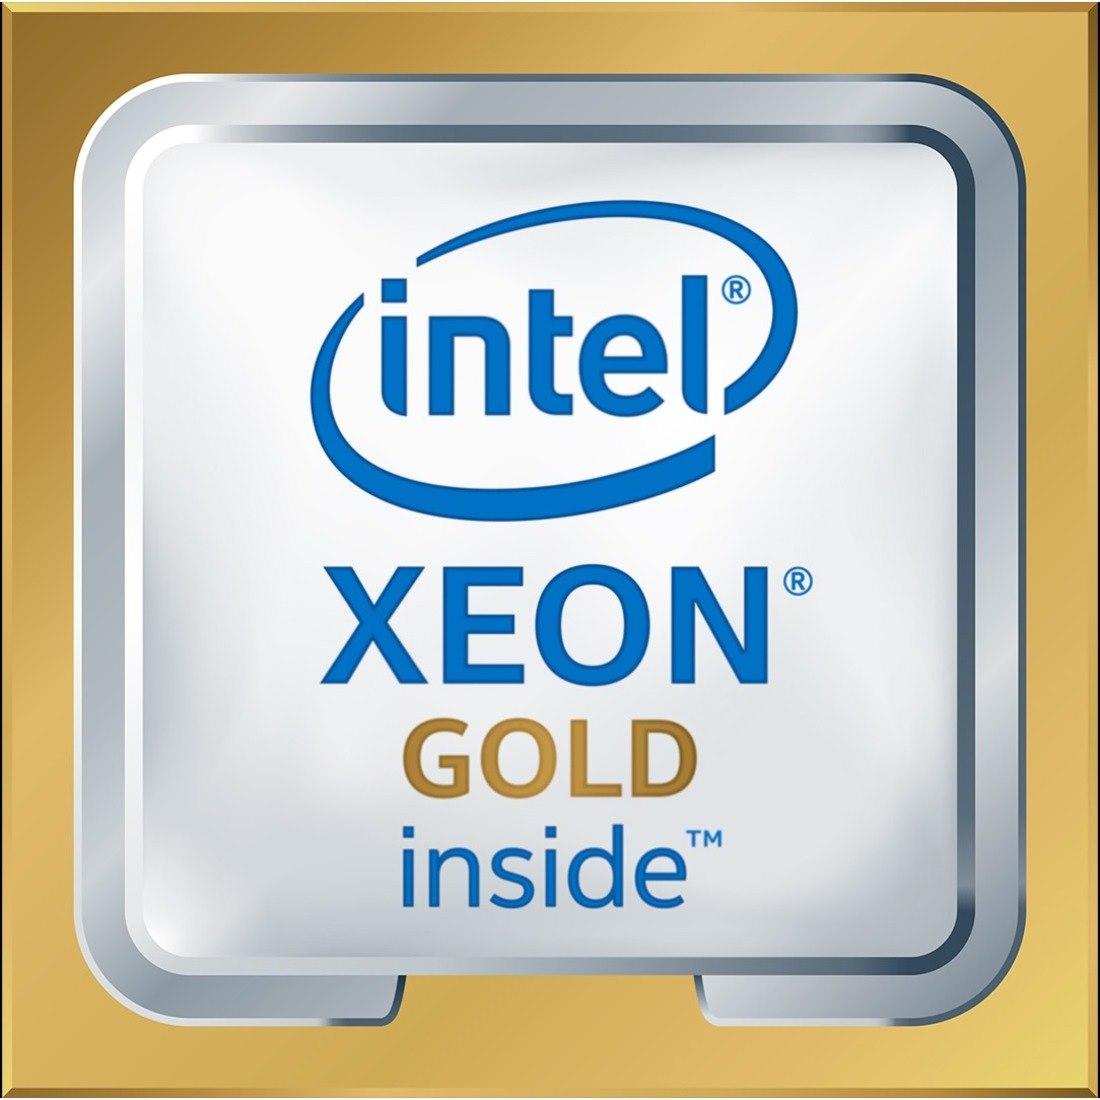 Cisco (Ucs-Cpu-6154) 3.0 GHZ 6154/200W 18C/24.75MB Cache/Ddr4 2666MHZ